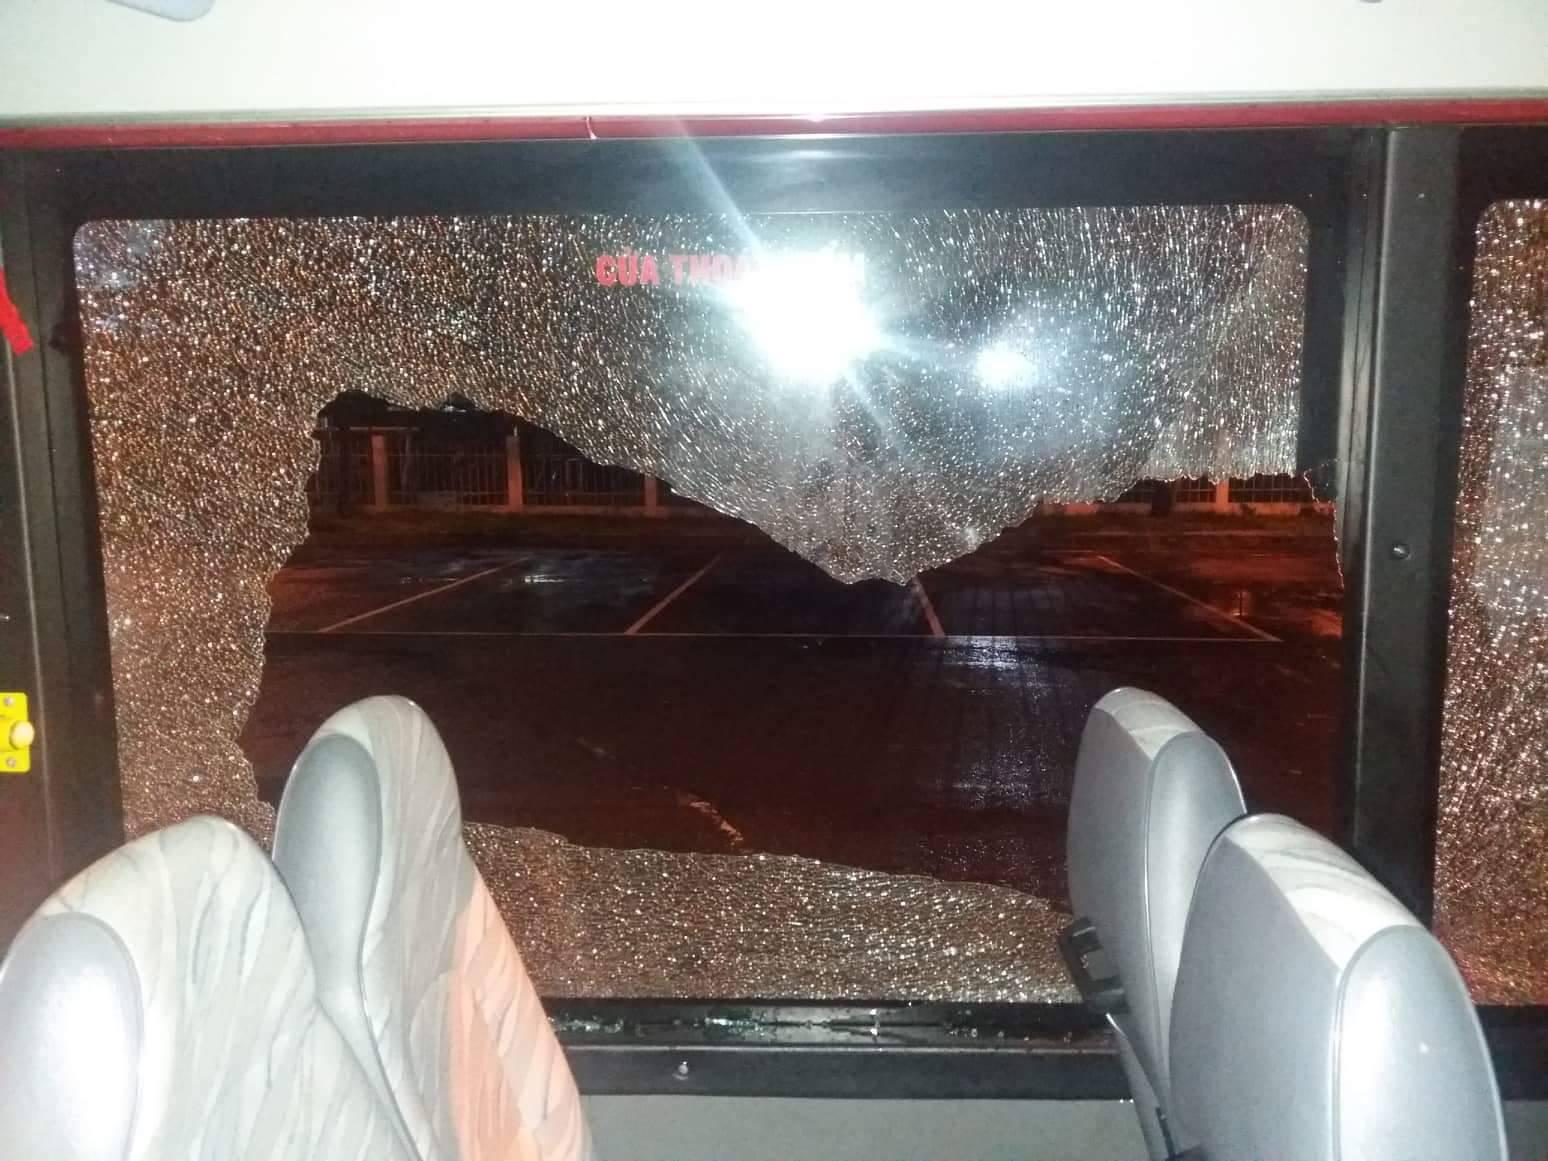 Cửa kính xe buýt bị nam thanh niên cầm mã tấu đập phá.